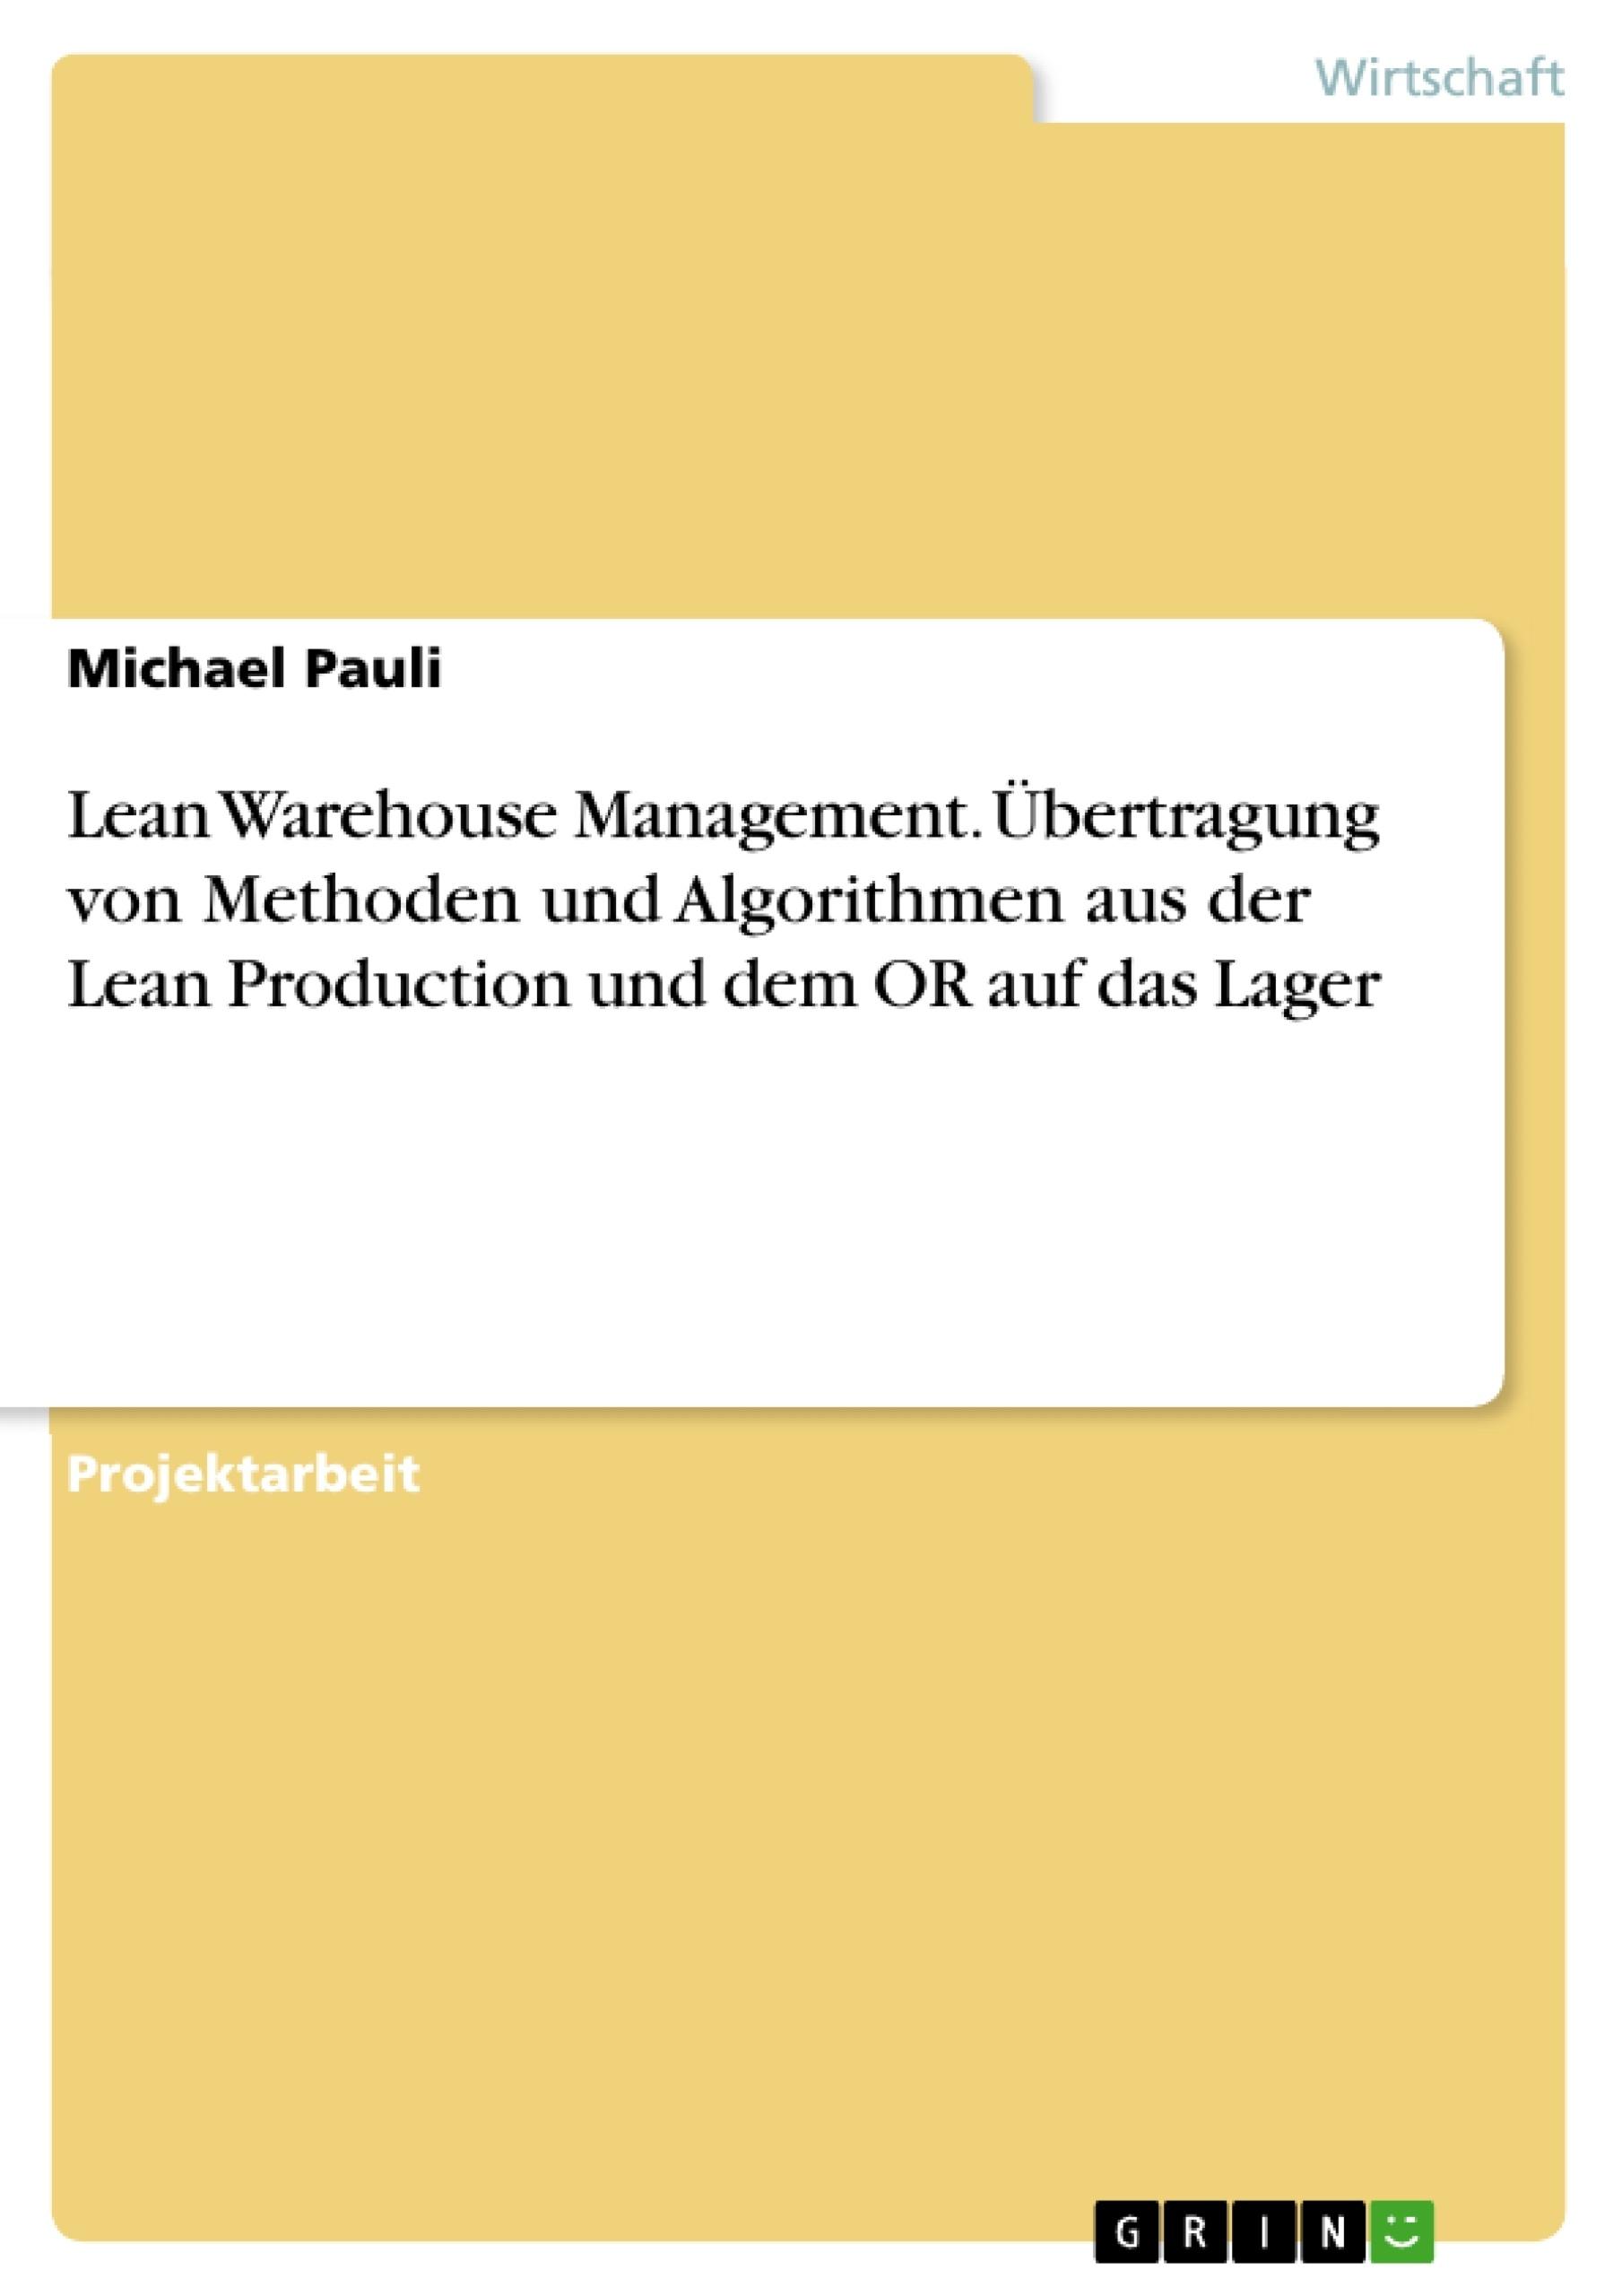 Titel: Lean Warehouse Management. Übertragung von Methoden und Algorithmen aus der Lean Production und dem OR auf das Lager